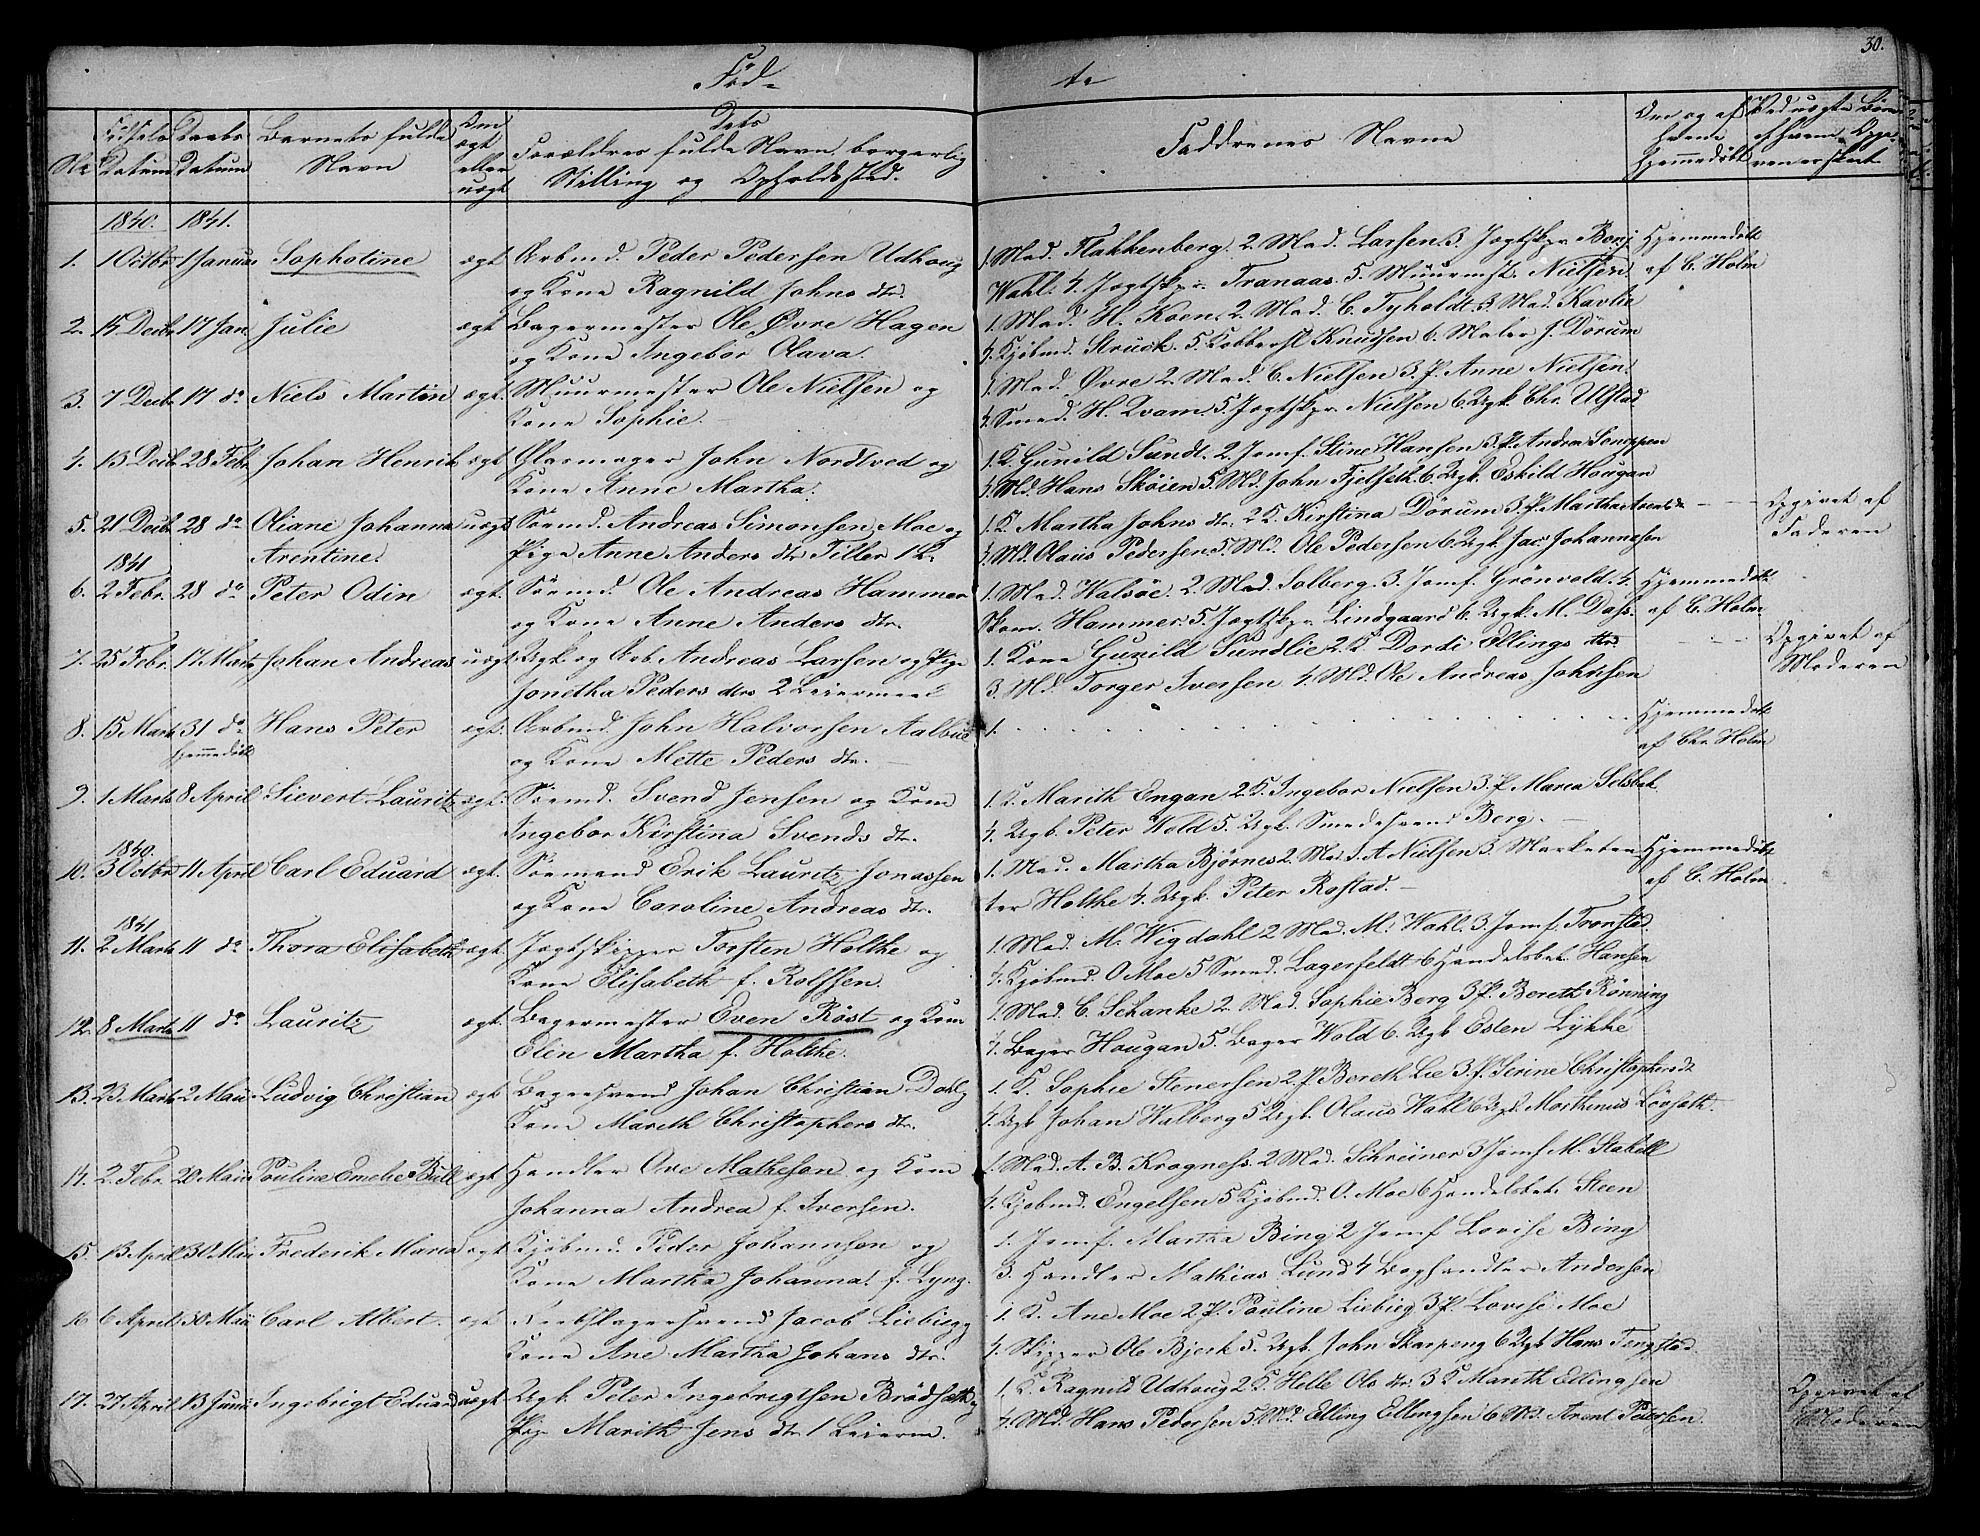 SAT, Ministerialprotokoller, klokkerbøker og fødselsregistre - Sør-Trøndelag, 604/L0182: Ministerialbok nr. 604A03, 1818-1850, s. 30